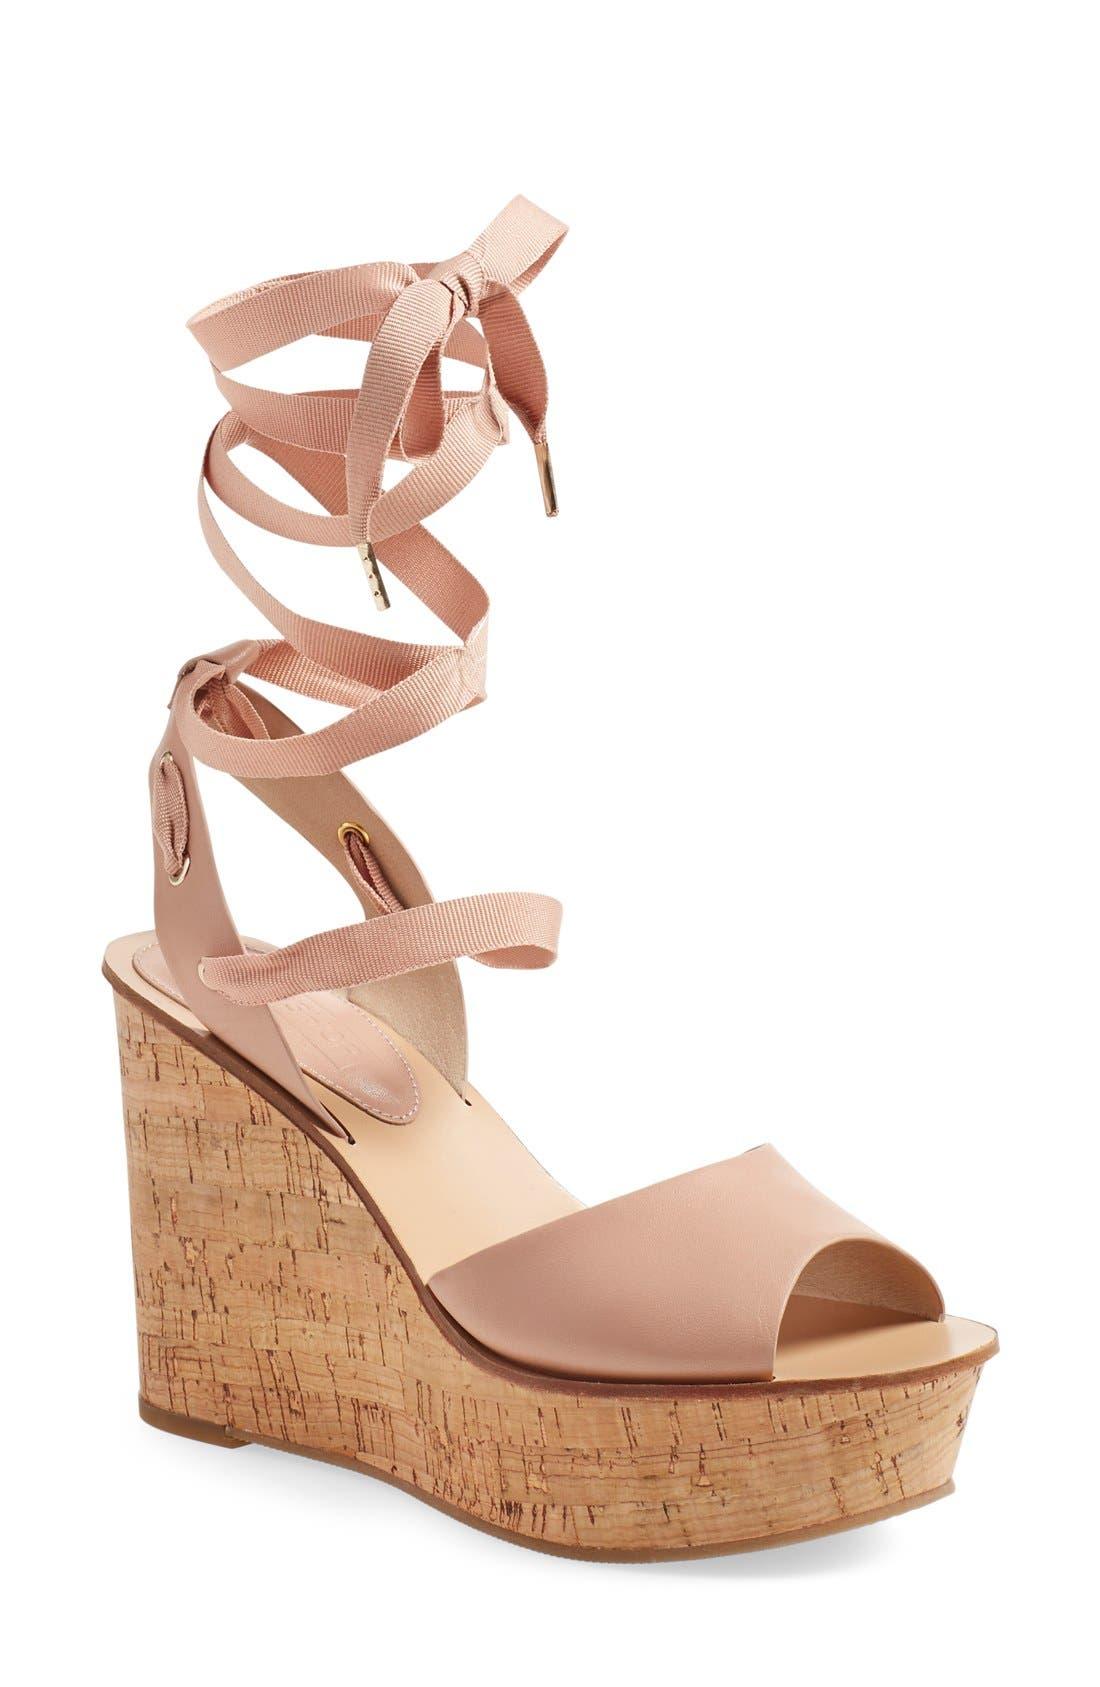 Main Image - Topshop 'Wise' Platform Wedge Sandal (Women)